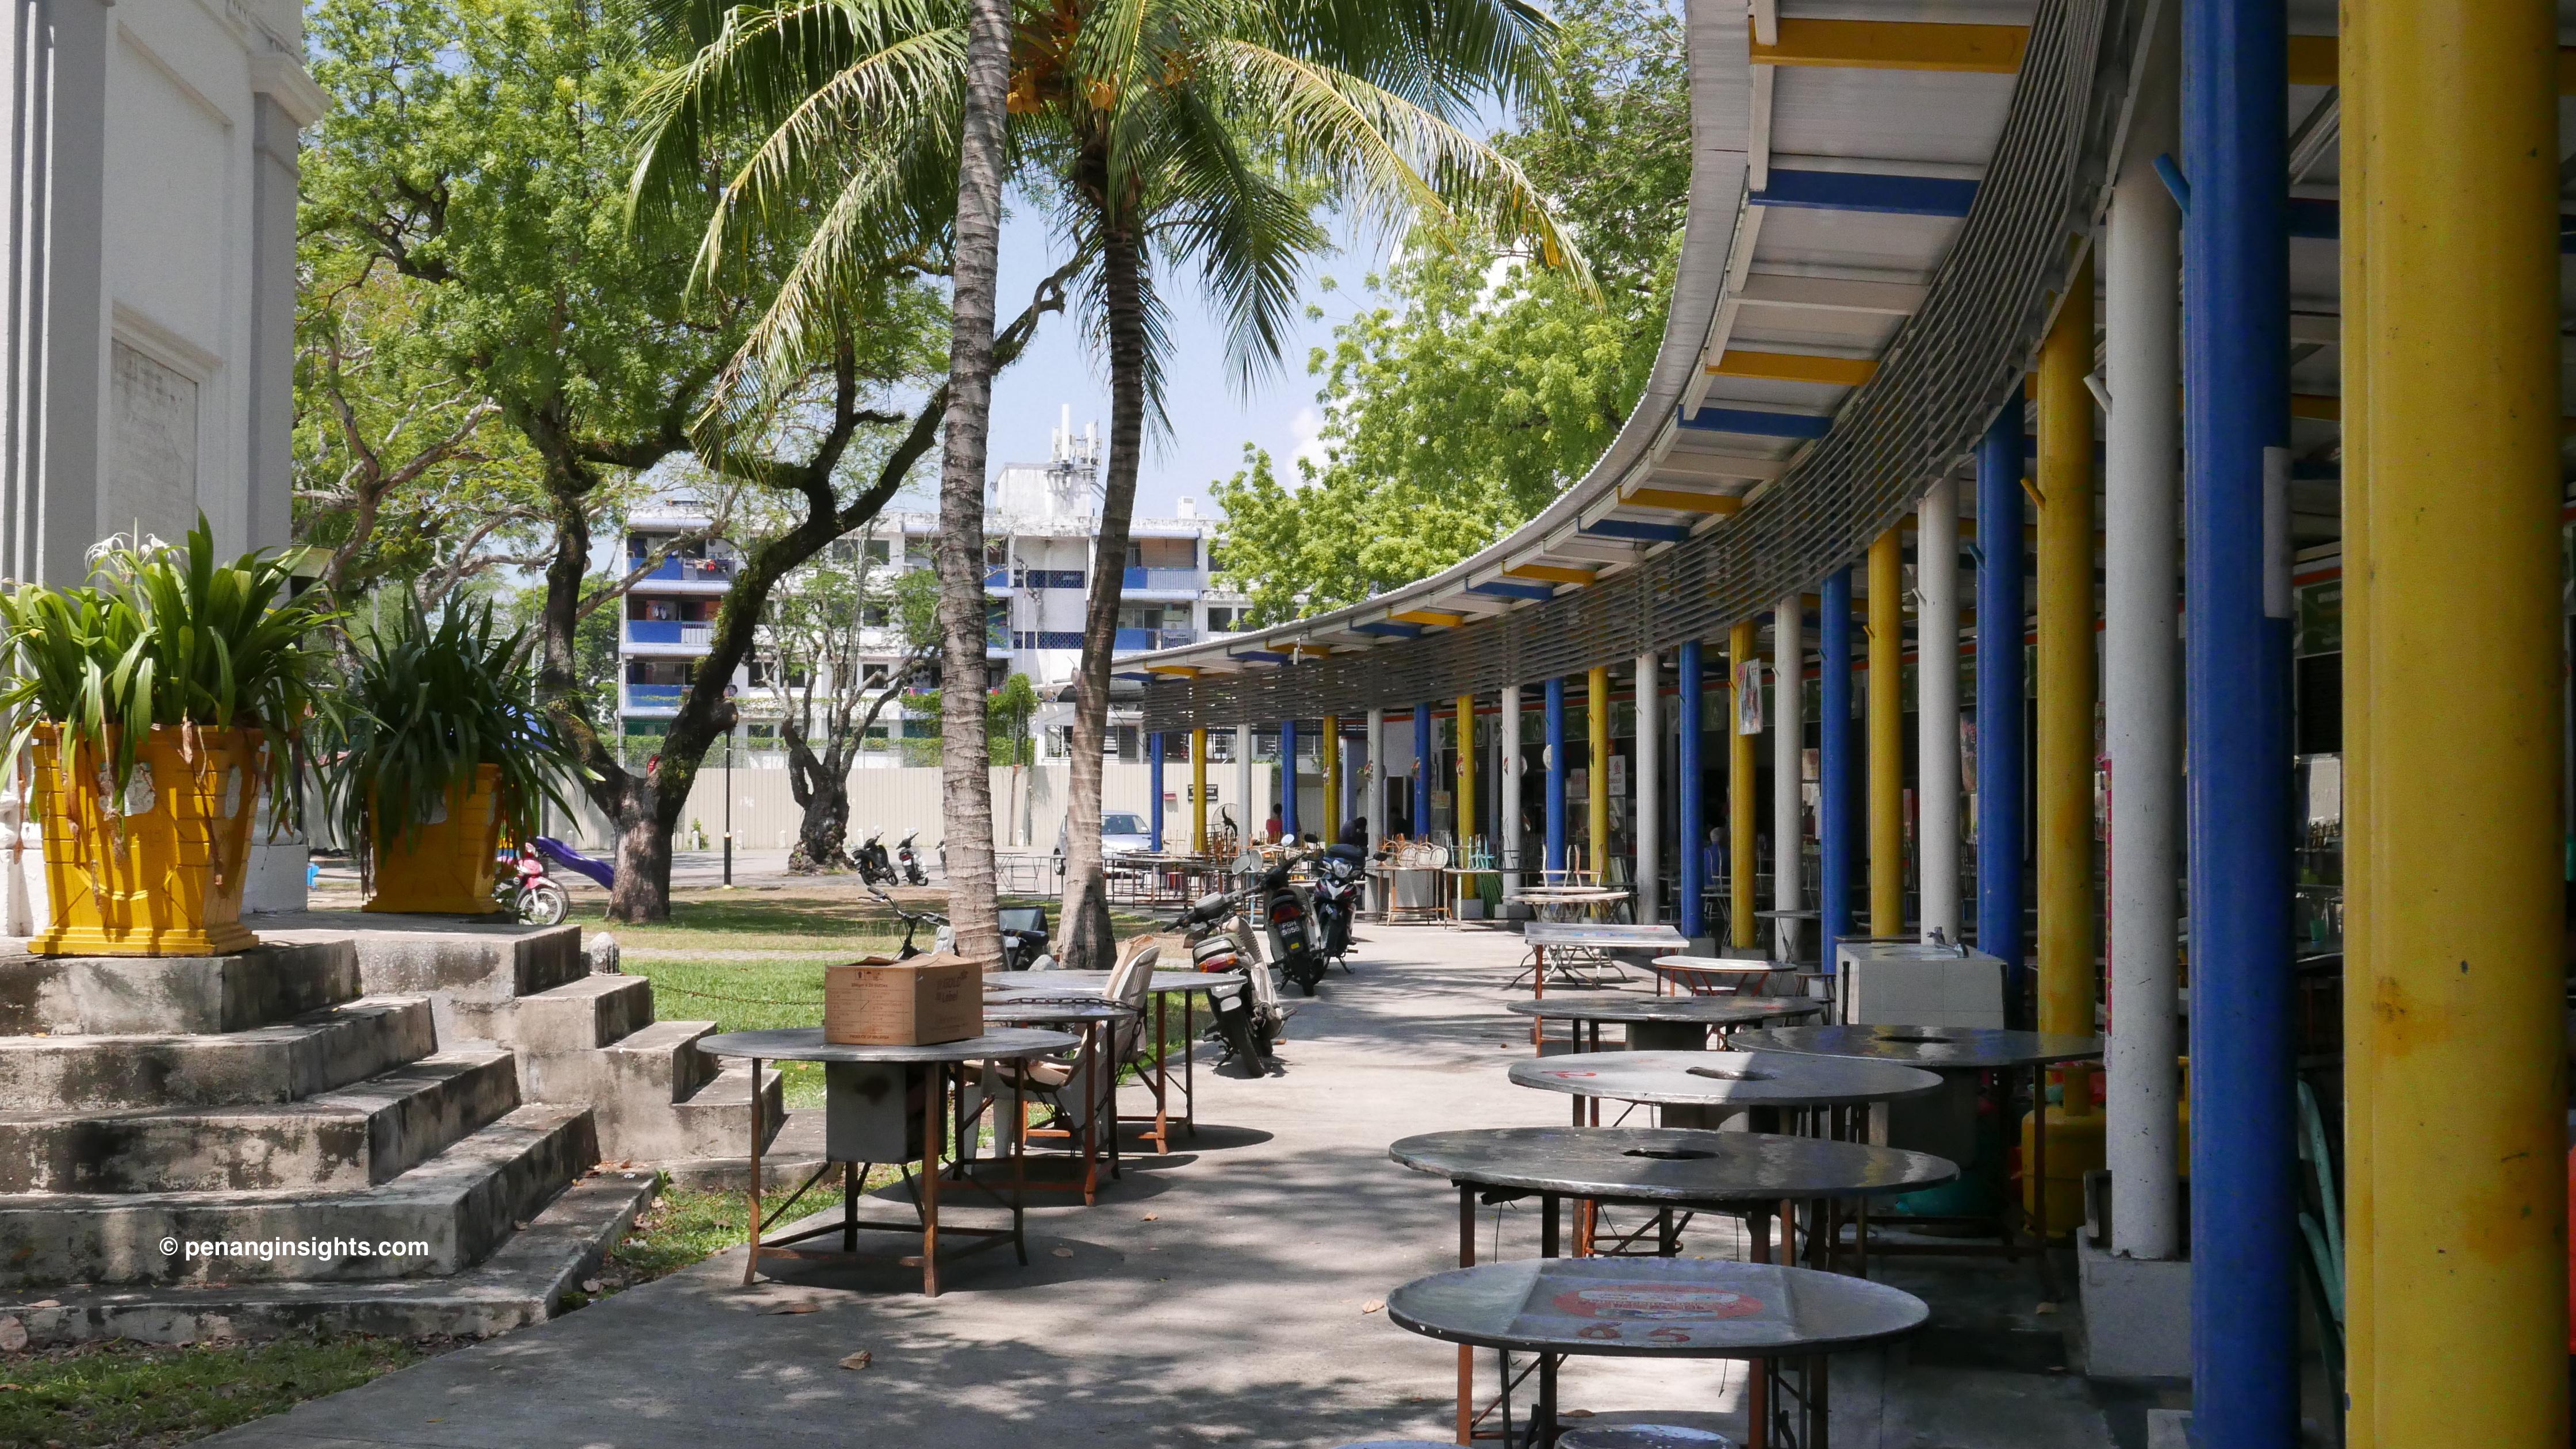 Review of Padang Brown Hawker Centre in Penang